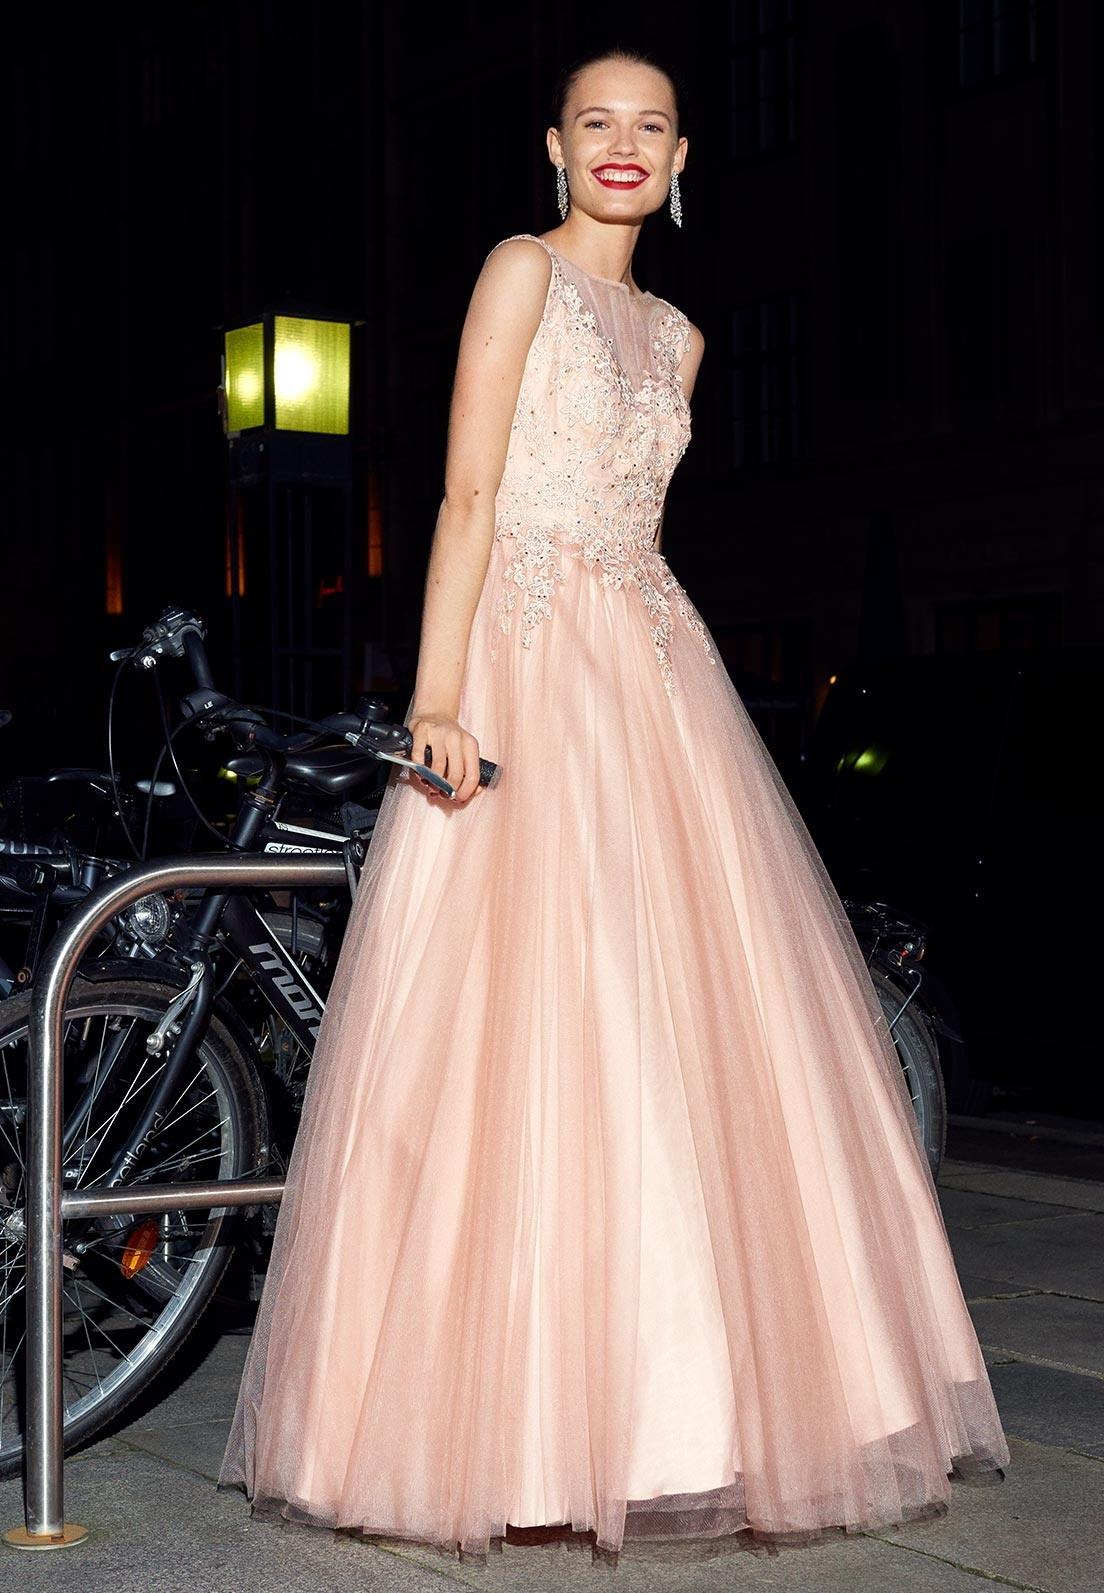 Abend Spektakulär Ball Und Abendkleider Boutique20 Luxurius Ball Und Abendkleider Boutique